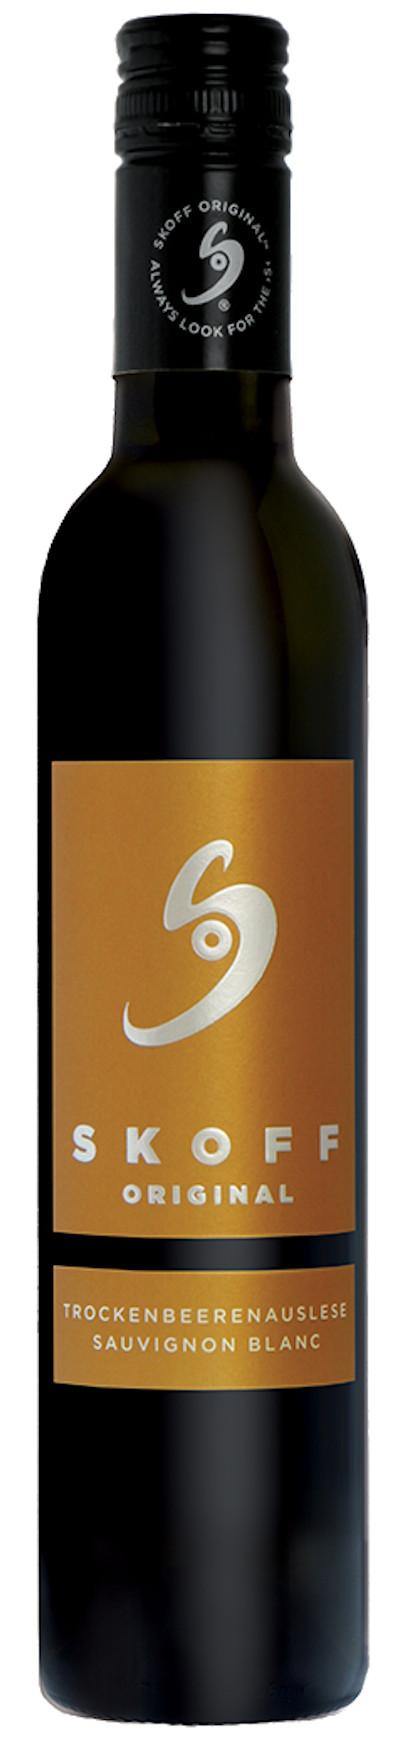 Skoff Original - Sauvignon Blanc Trockenbeerenauslese